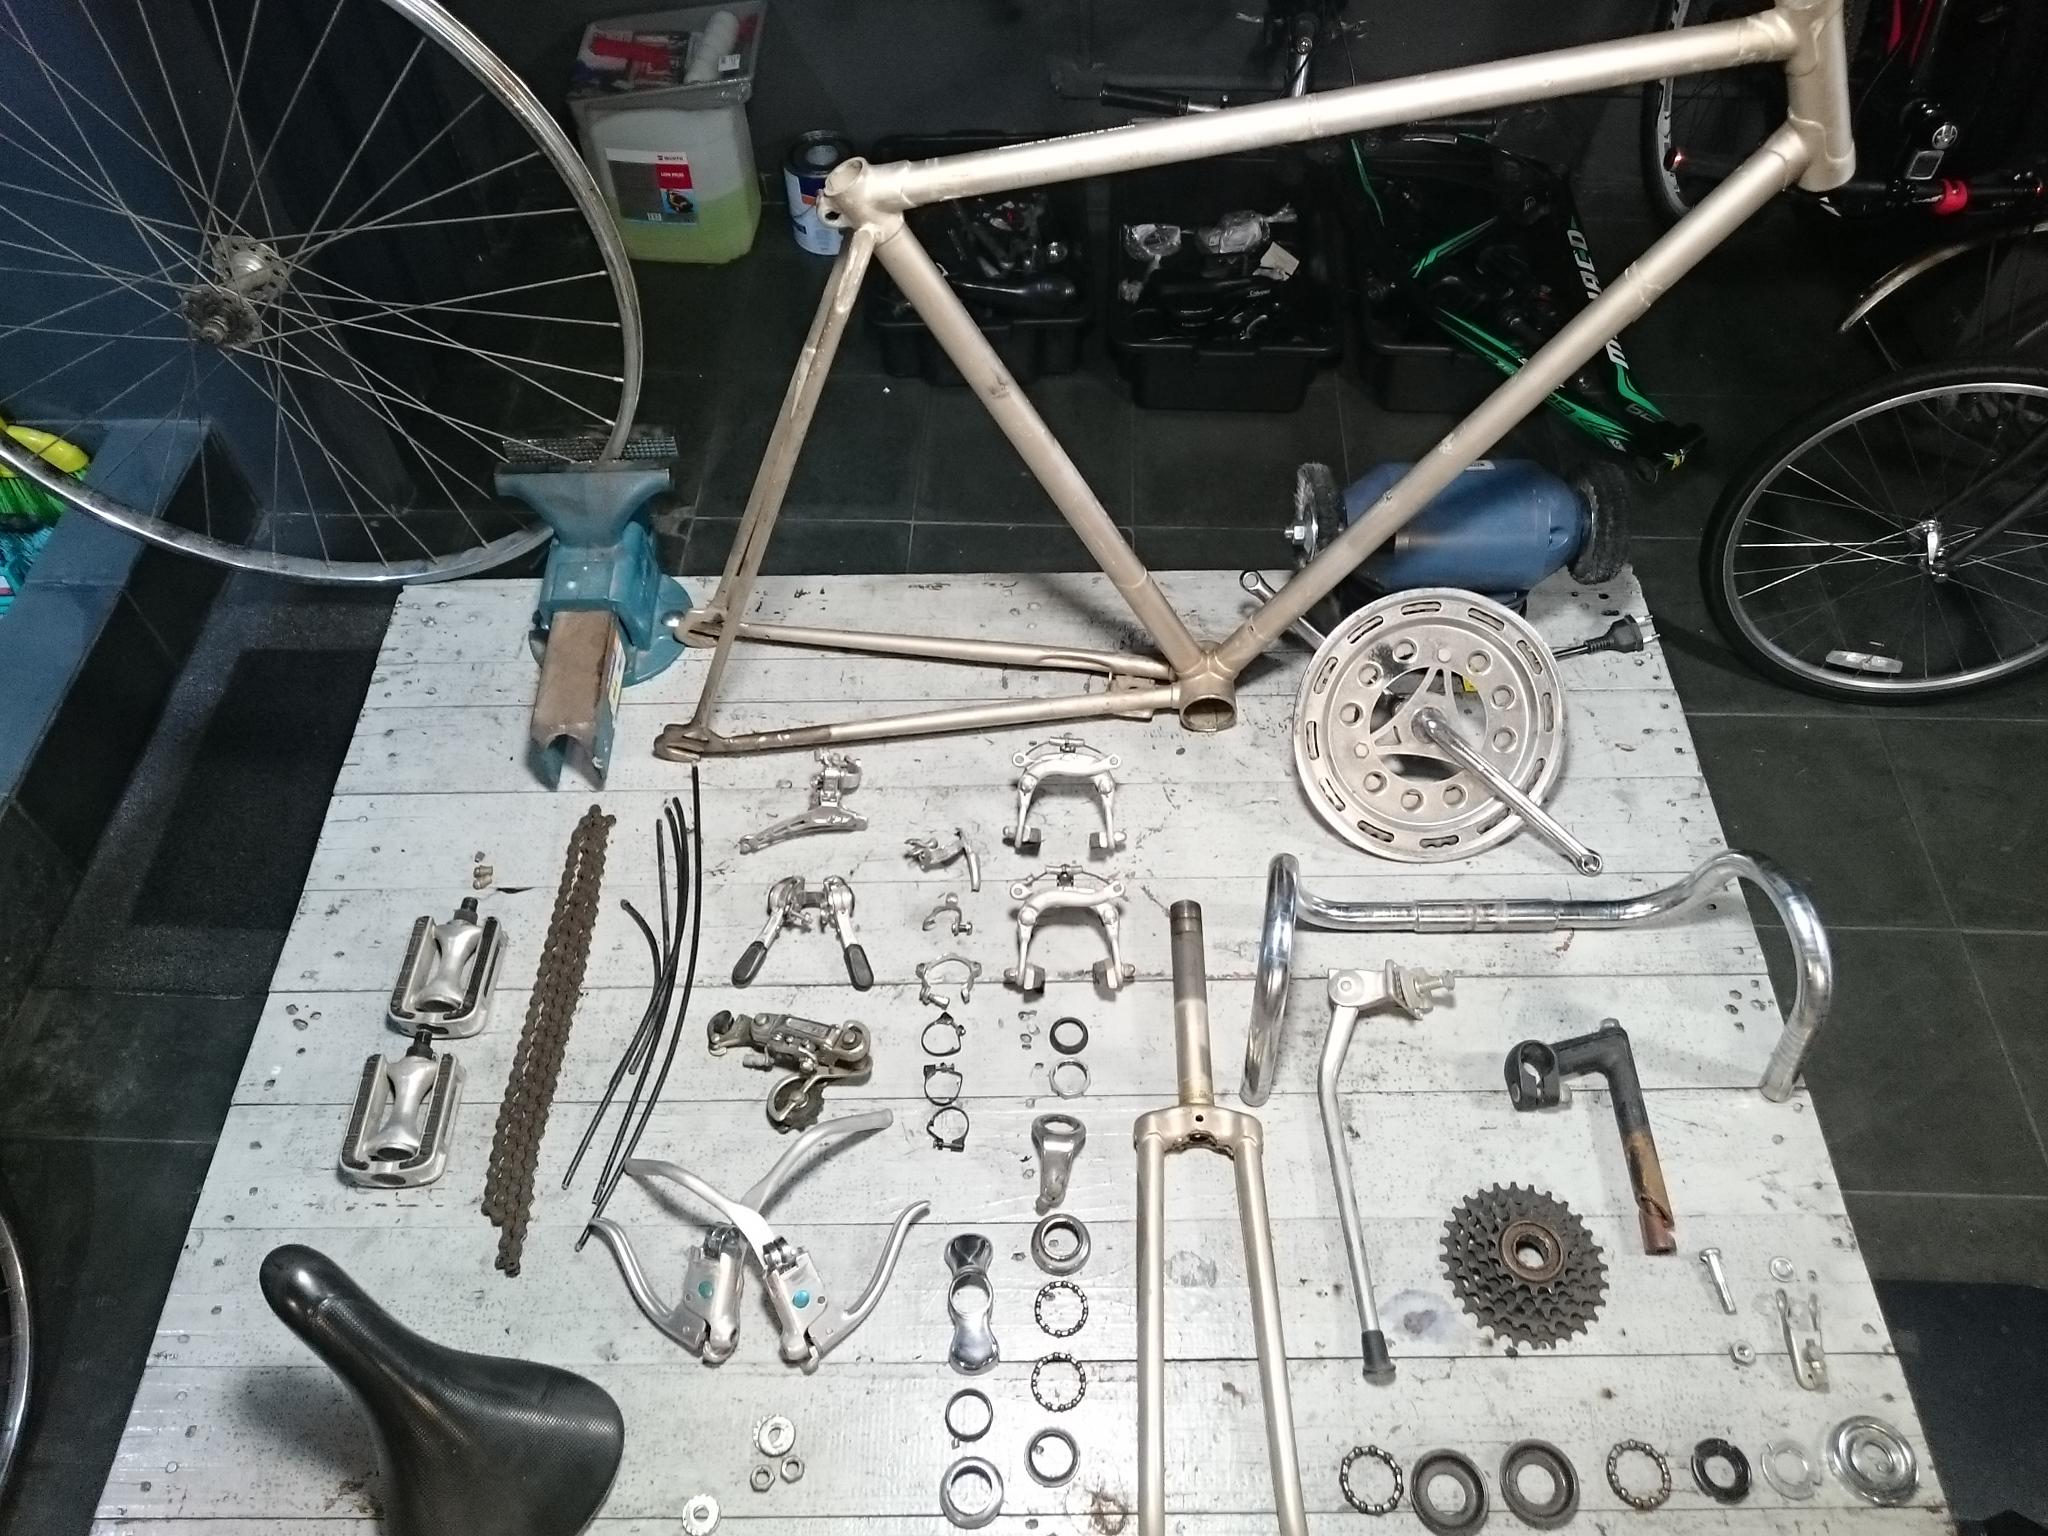 desmontamos sua bicicleta completamente